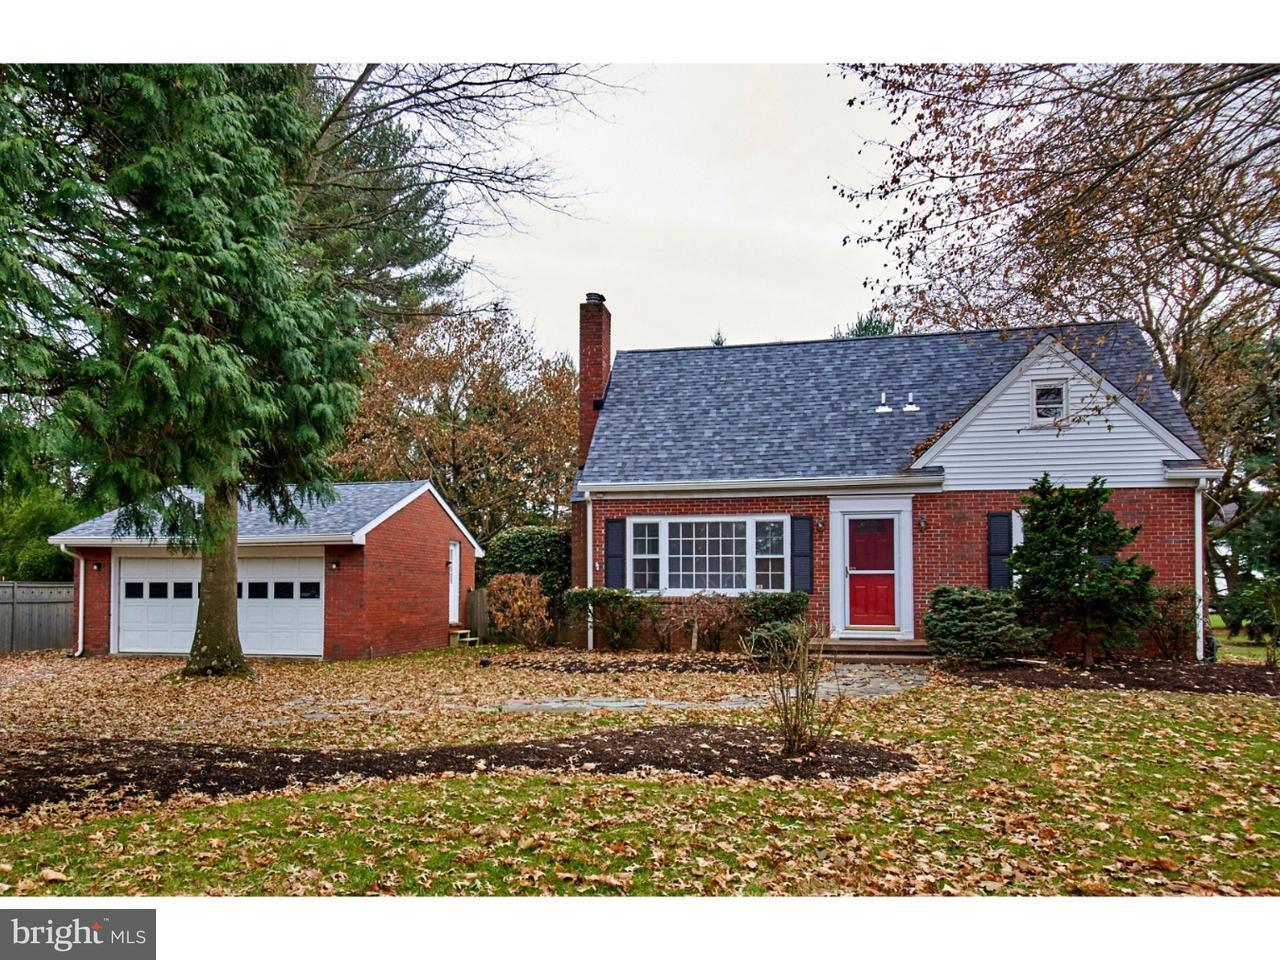 Частный односемейный дом для того Продажа на 529 VILLAGE RD W Princeton Junction, Нью-Джерси 08550 Соединенные ШтатыВ/Около: West Windsor Twp